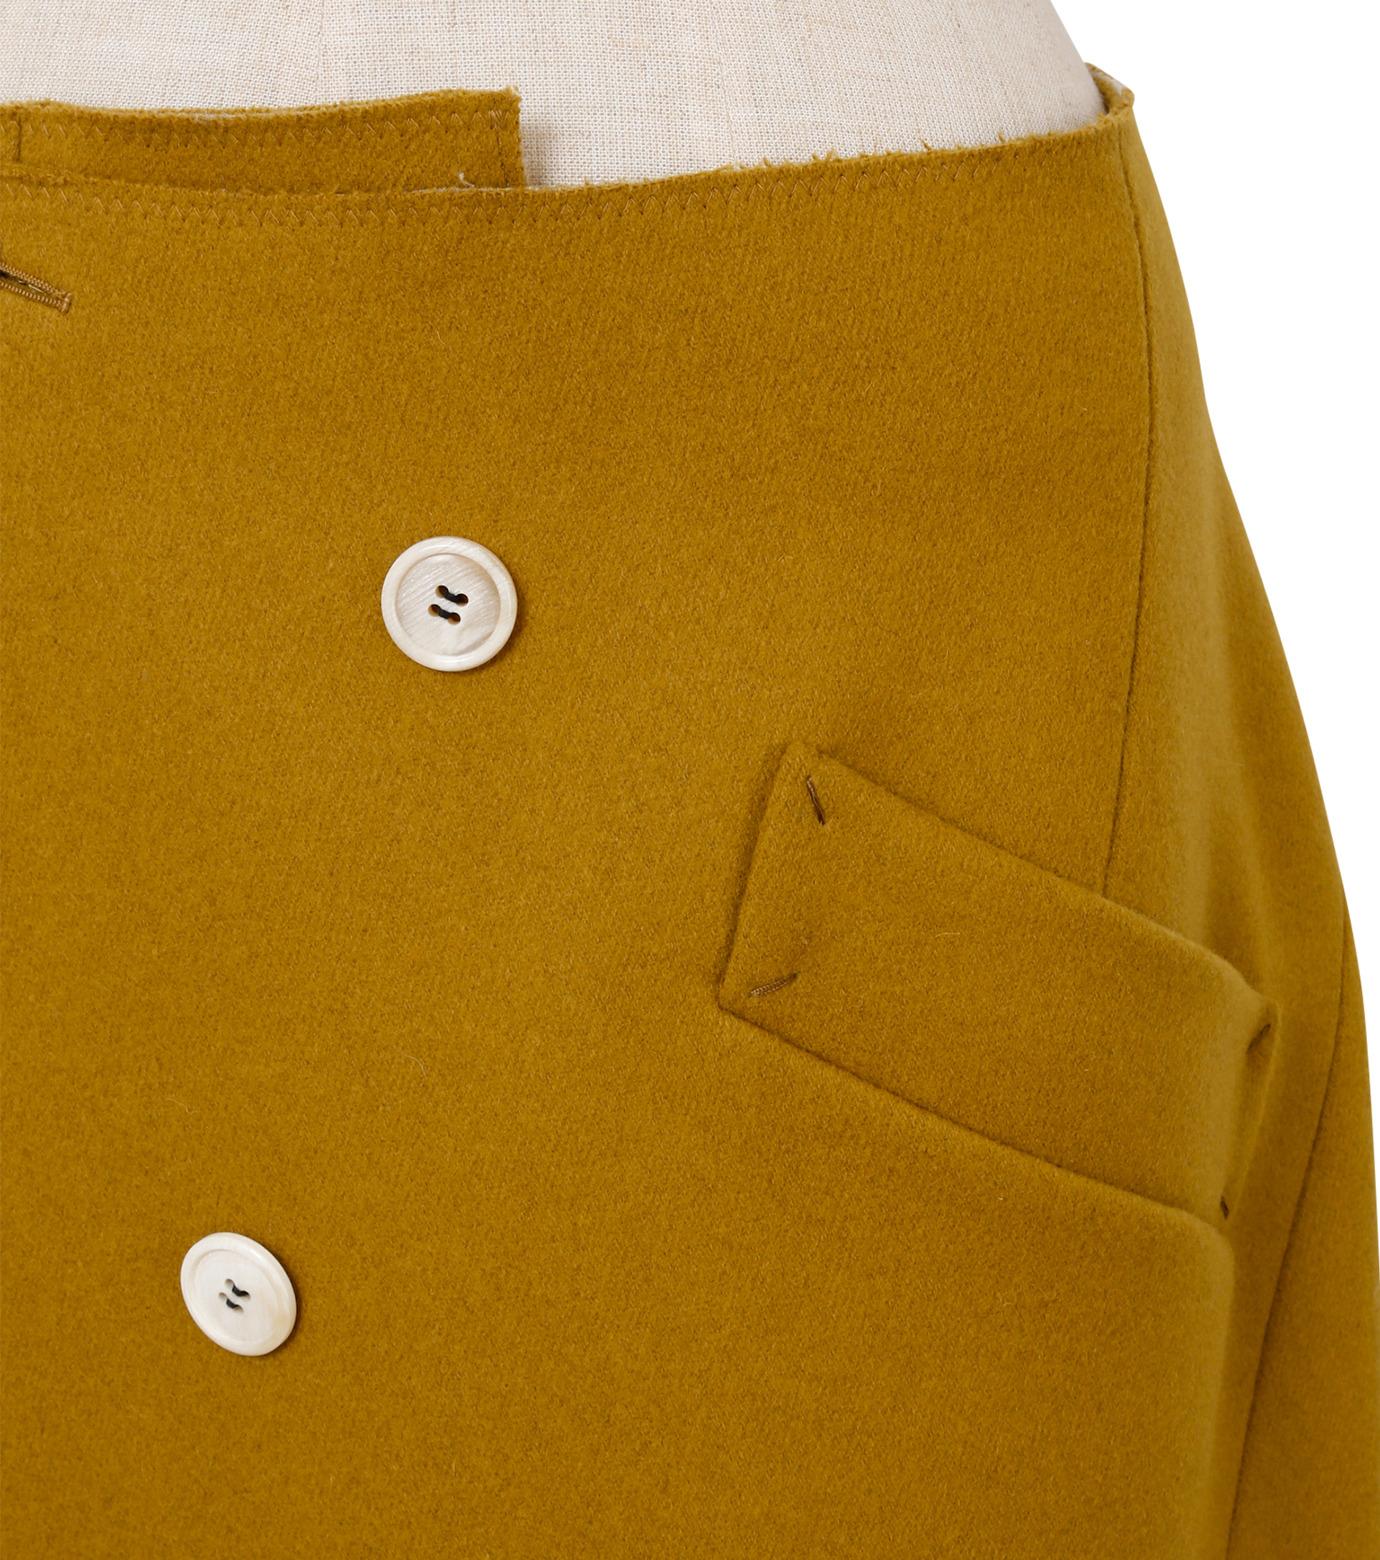 IRENE(アイレネ)のツイストボックスラップスカート-MUSTARD(スカート/skirt)-18A87002 拡大詳細画像5